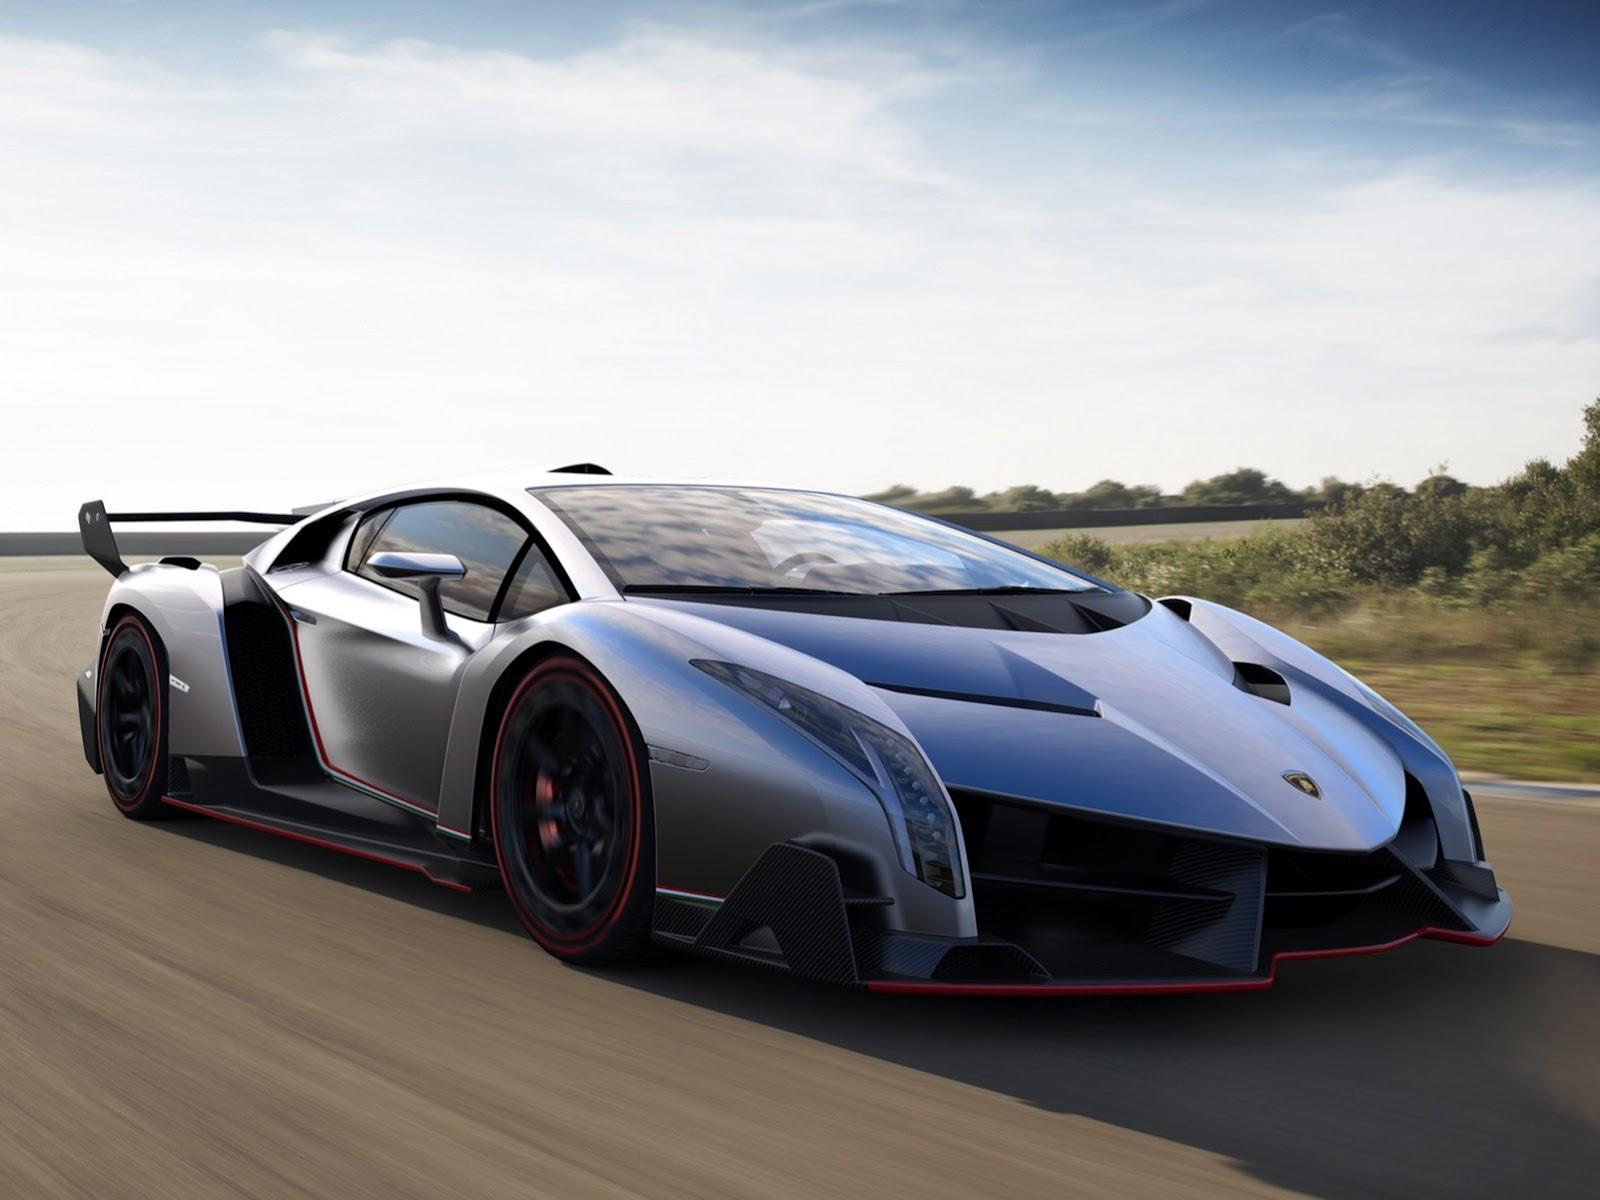 New Lamborghini Veneno Photos Emerge Ahead Of Geneva Debut - Cool lamborghini cars